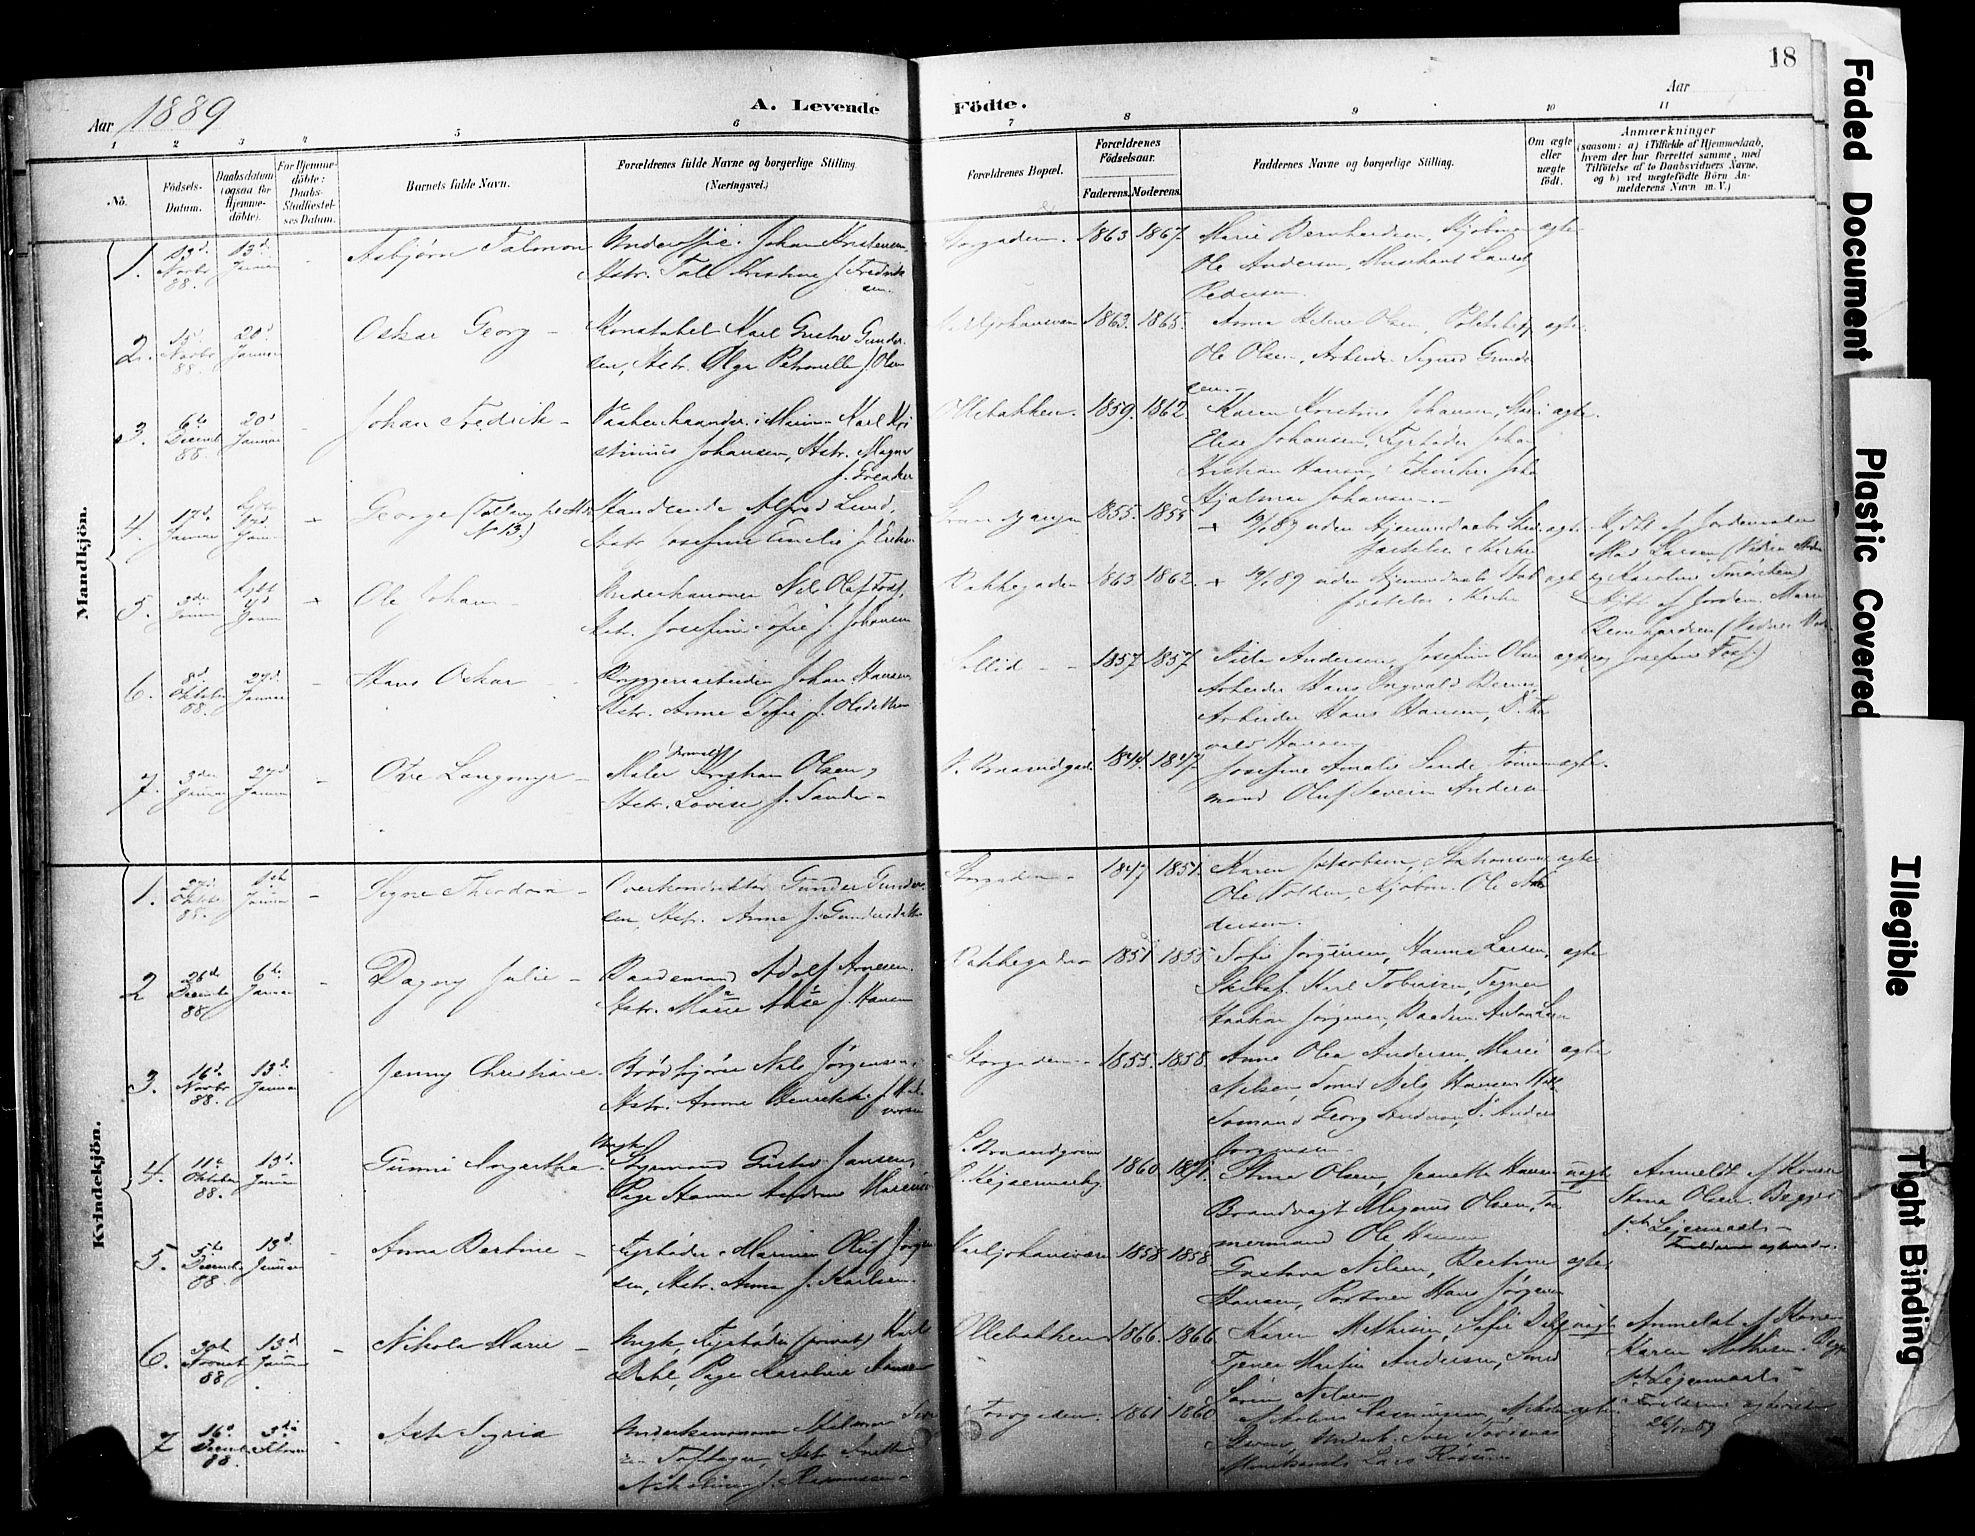 SAKO, Horten kirkebøker, F/Fa/L0004: Ministerialbok nr. 4, 1888-1895, s. 18